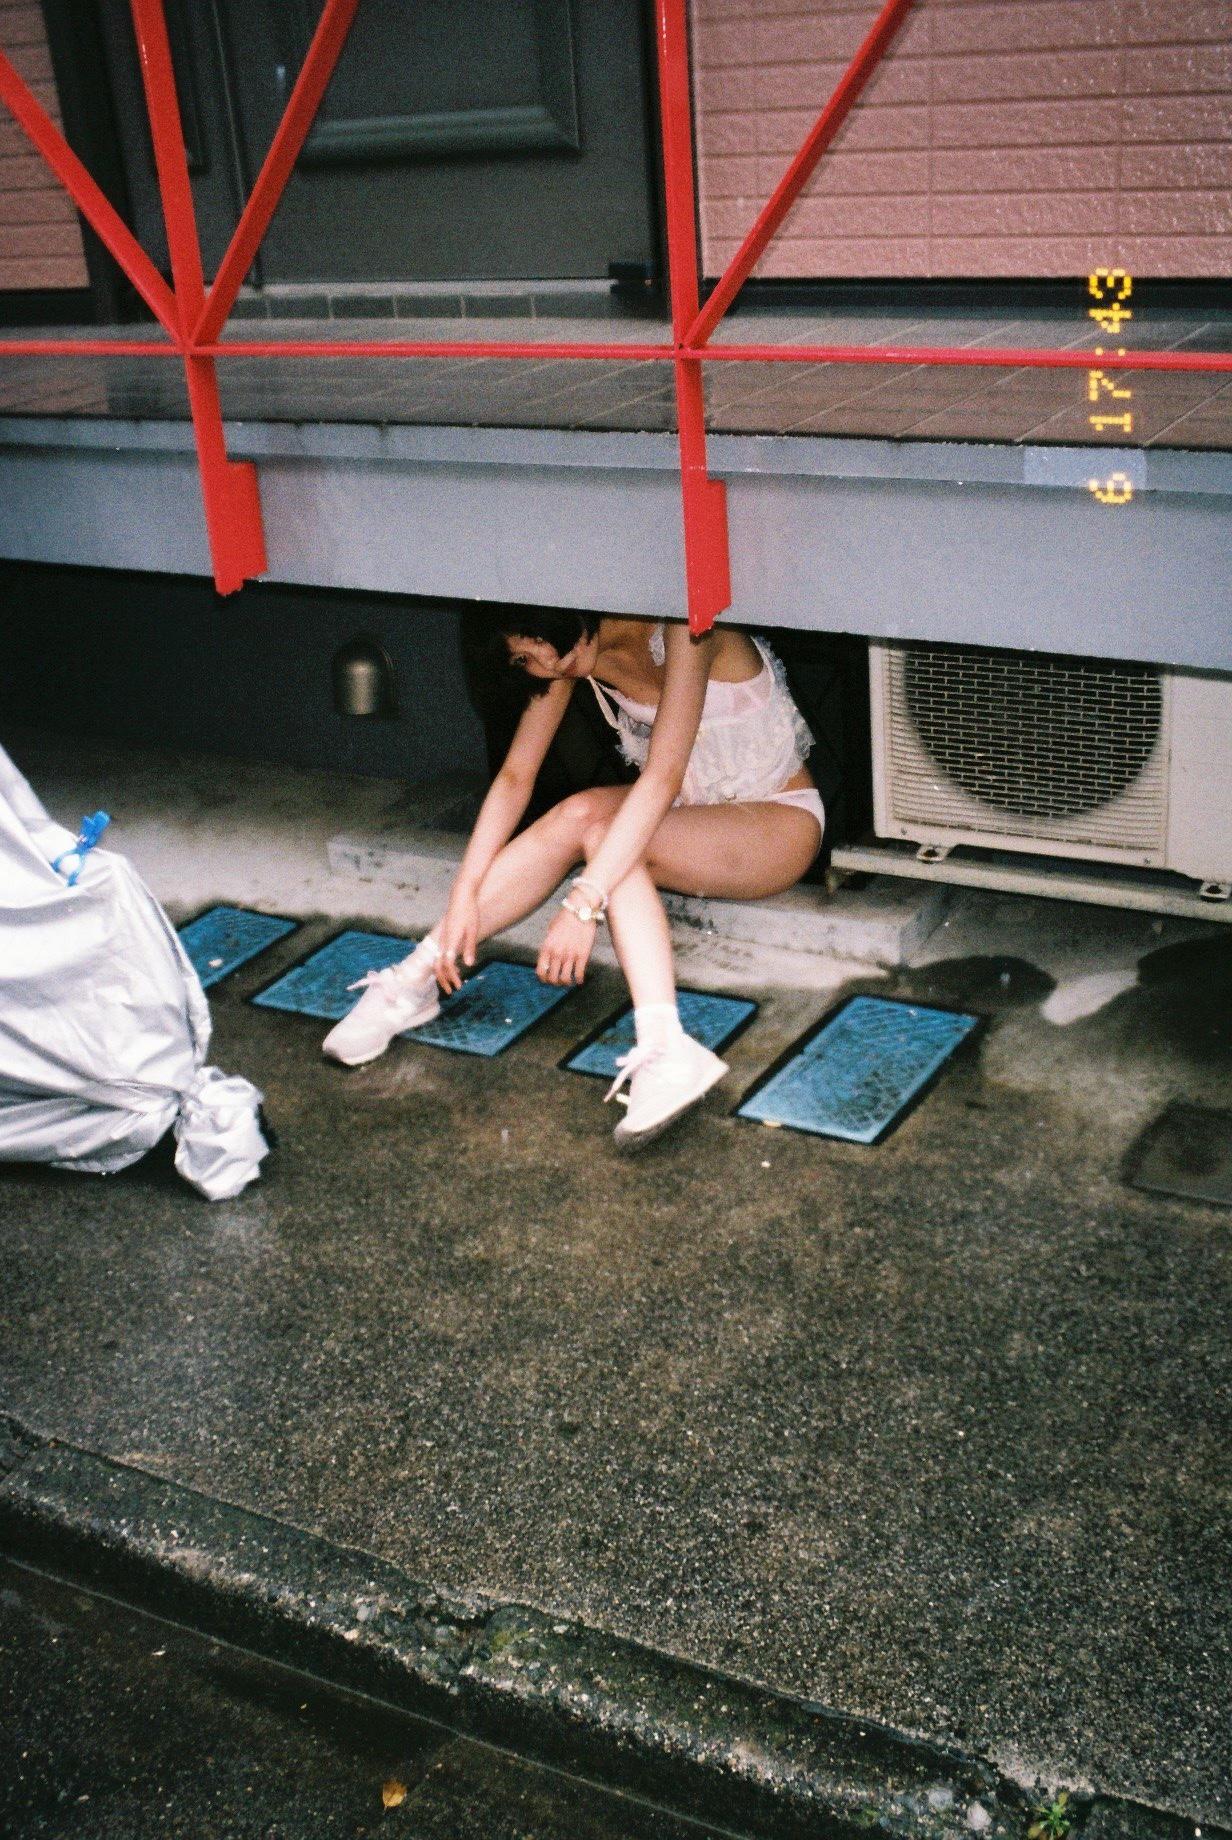 ウチヤミ深い | Uchiyamihukai